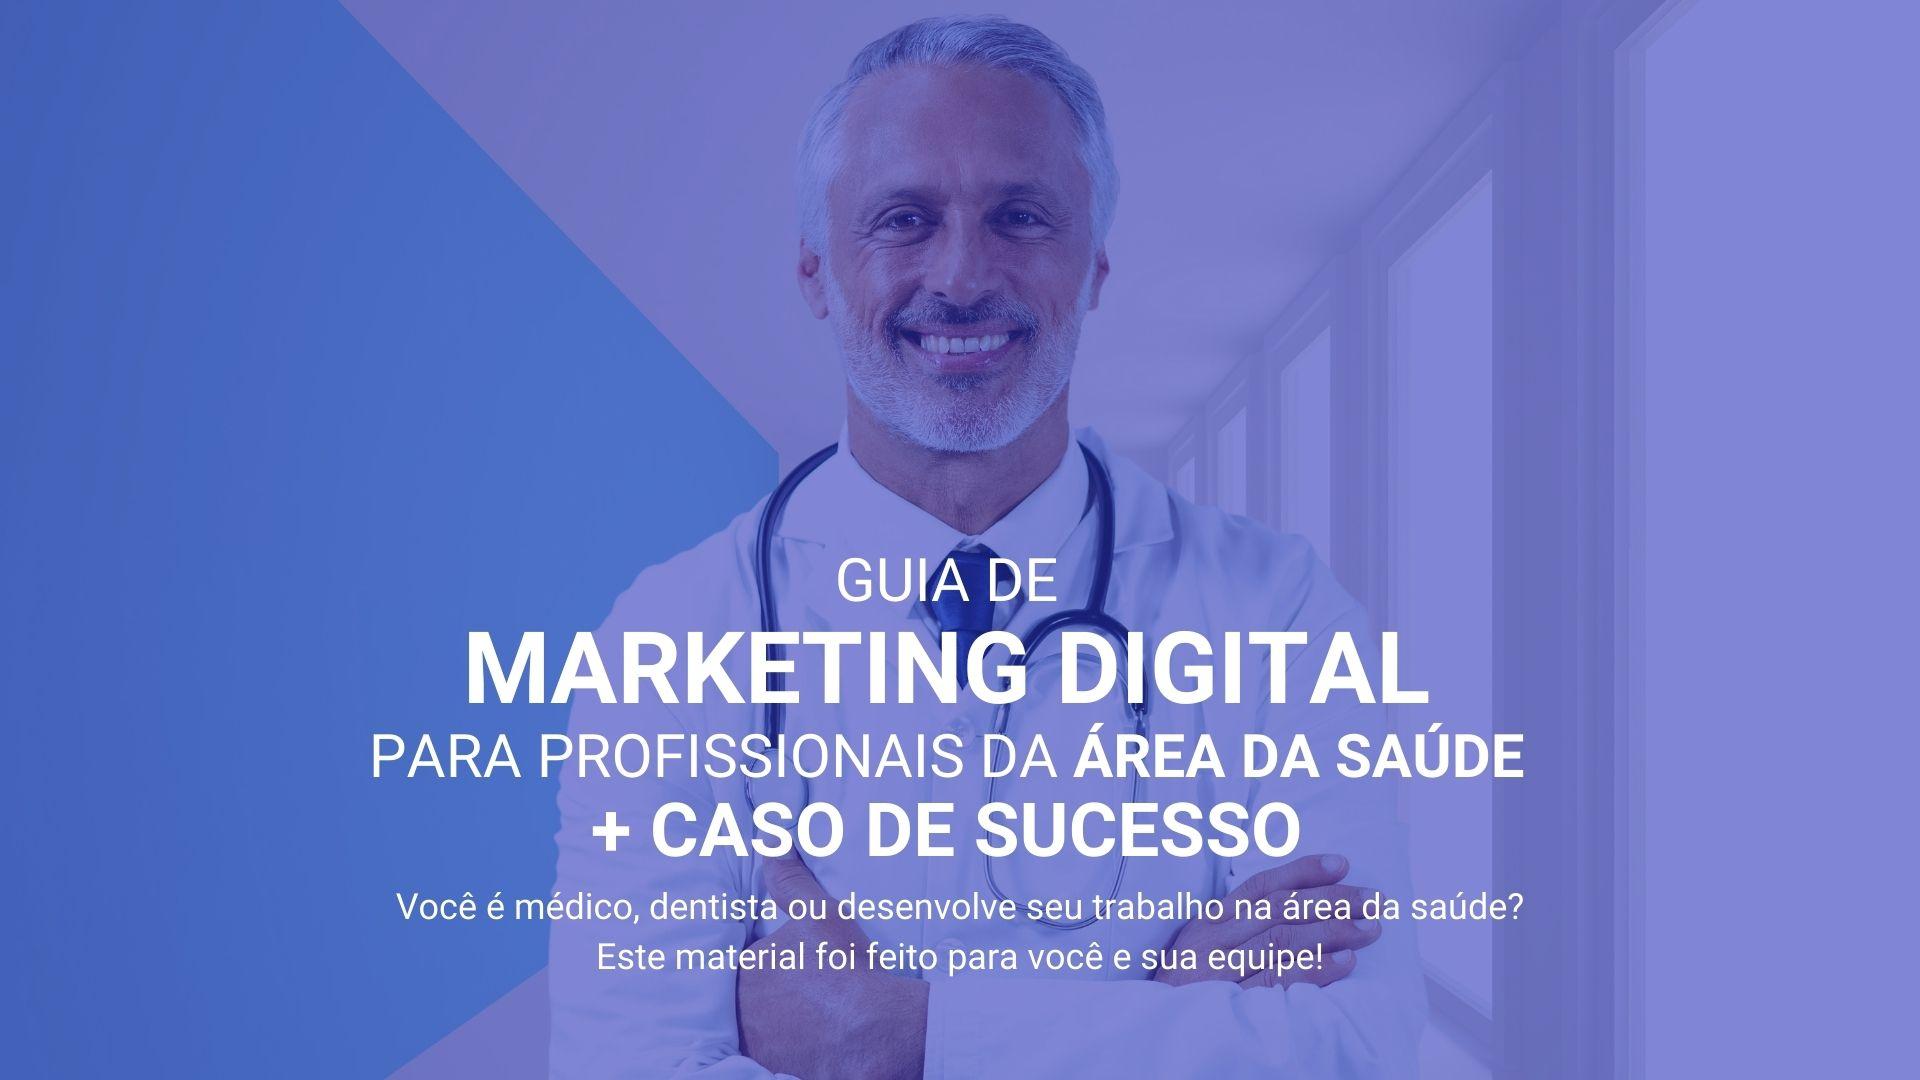 Guia gratuito de Marketing Digital para profissionais da área da saúde + Caso de sucesso